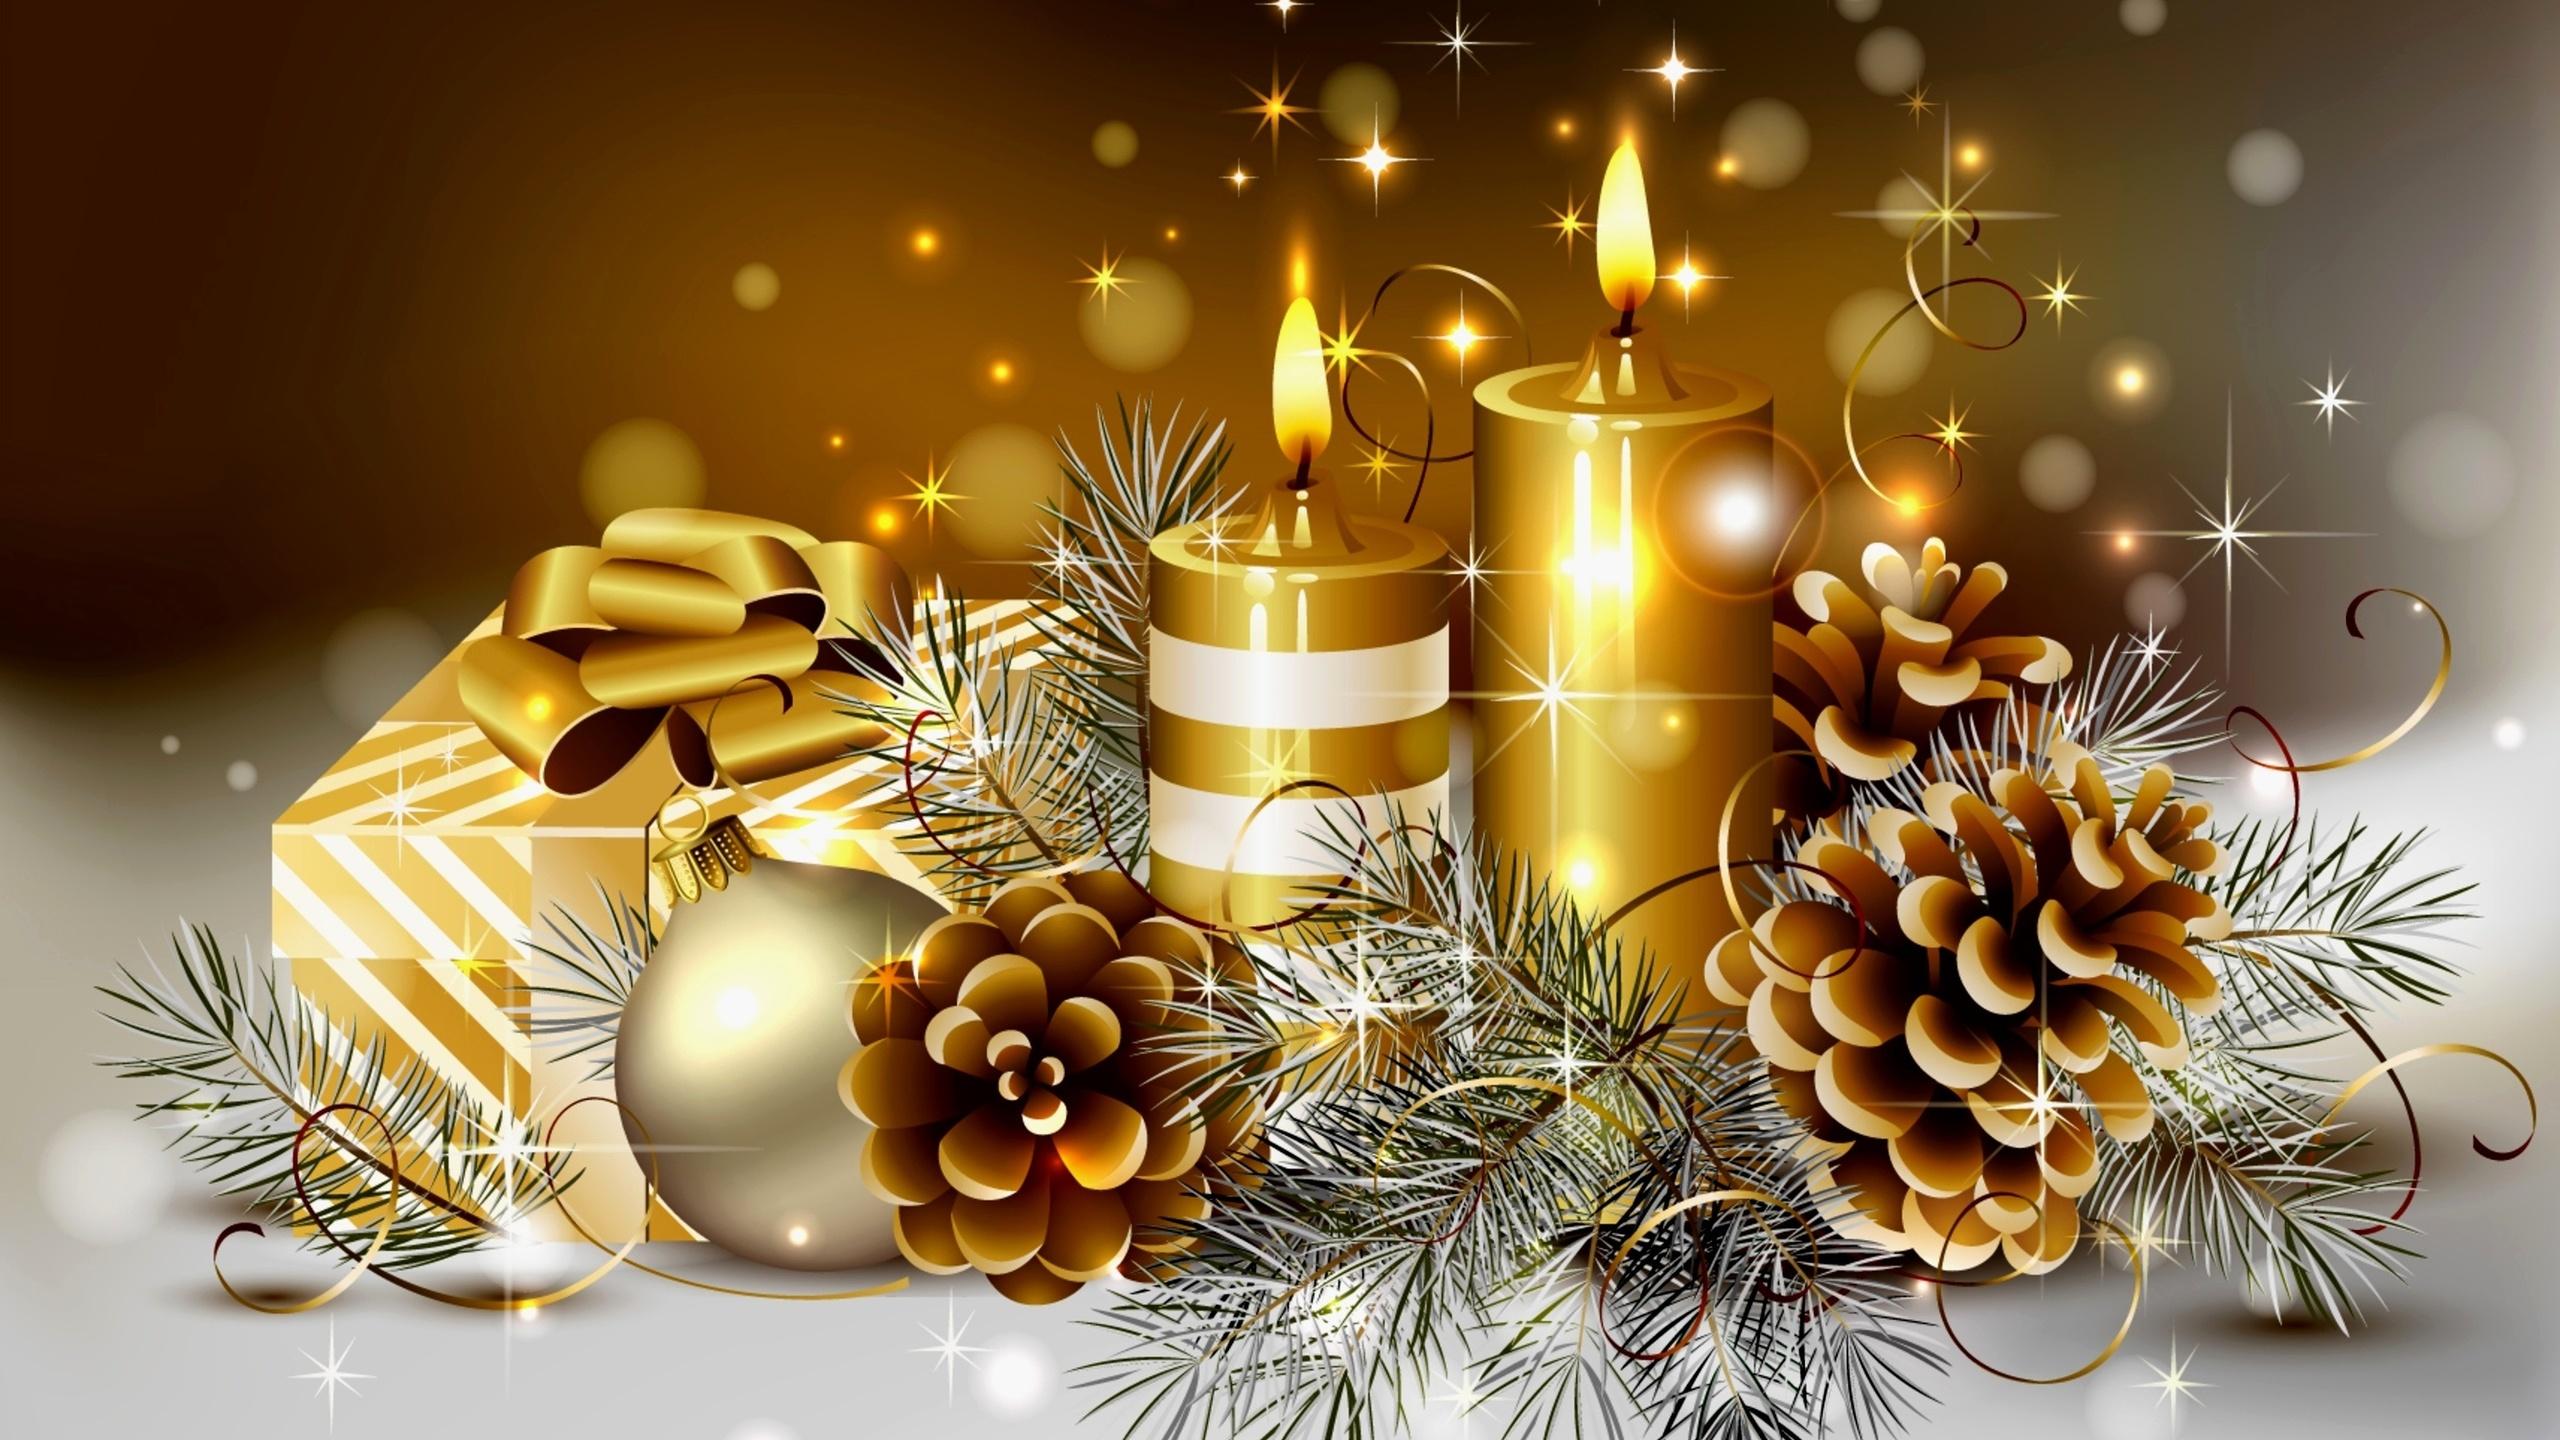 Картинки, красивая открытки с новым годом и рождеством 2017